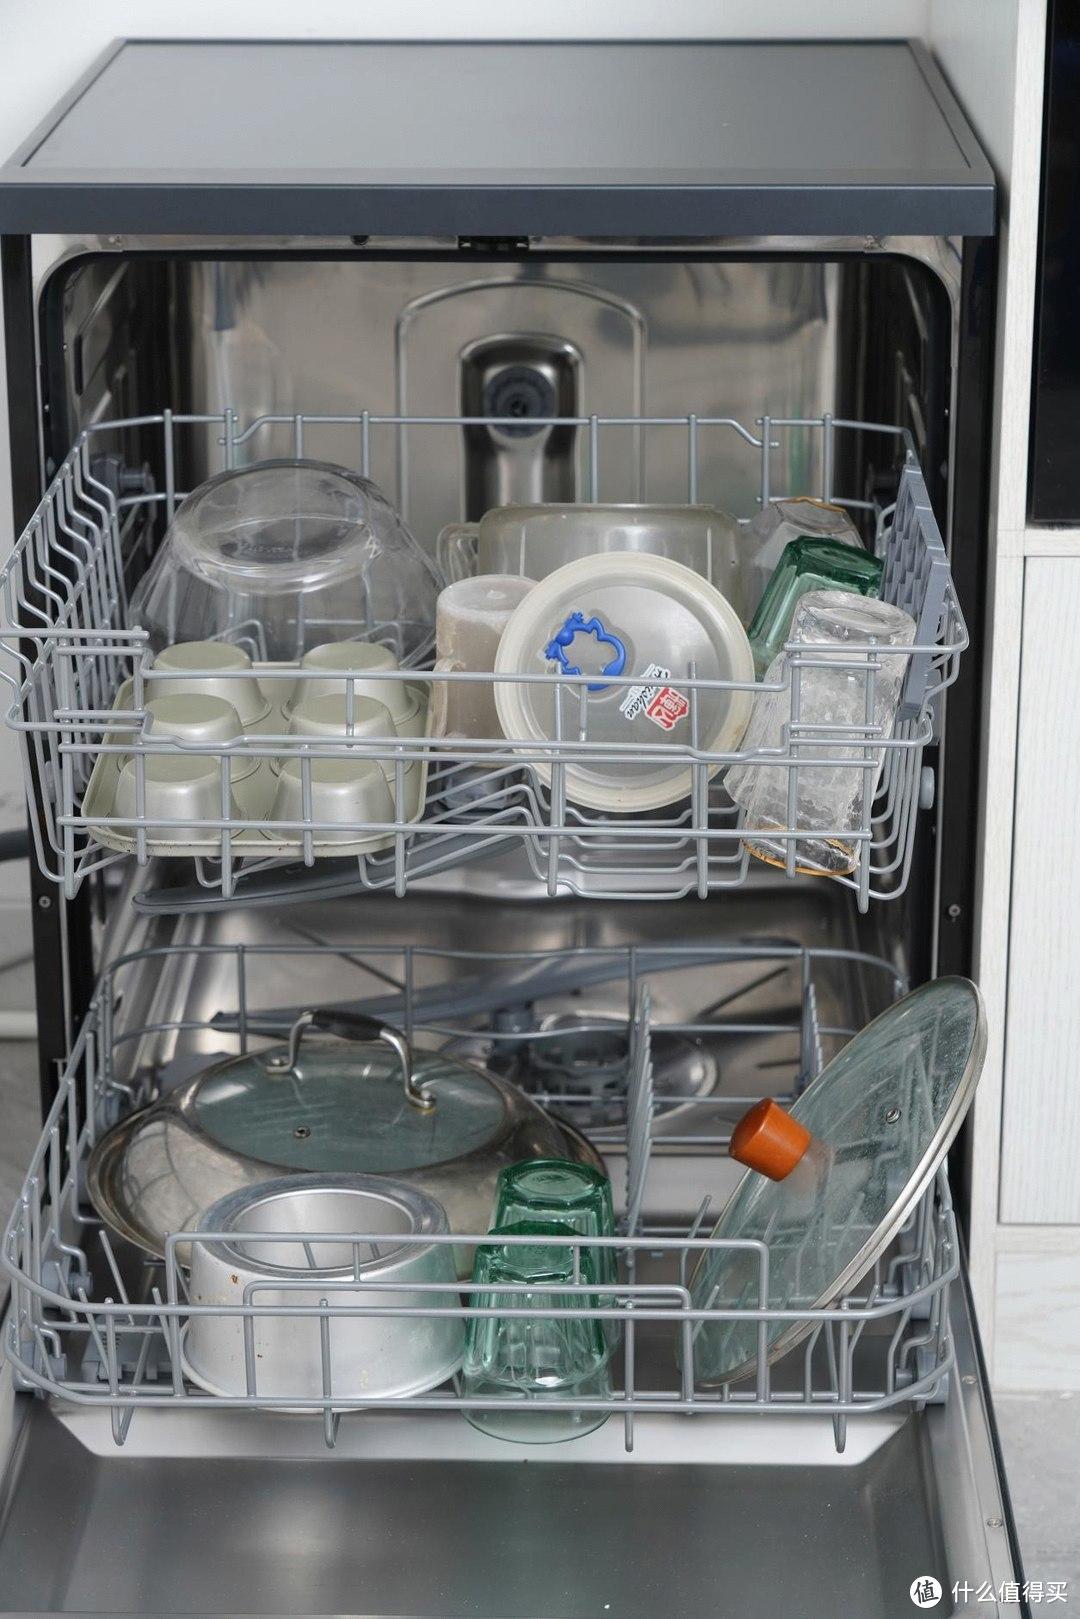 新厨房的新电器,能自动开门存碗的洗碗机--海尔G5洗碗机使用评测